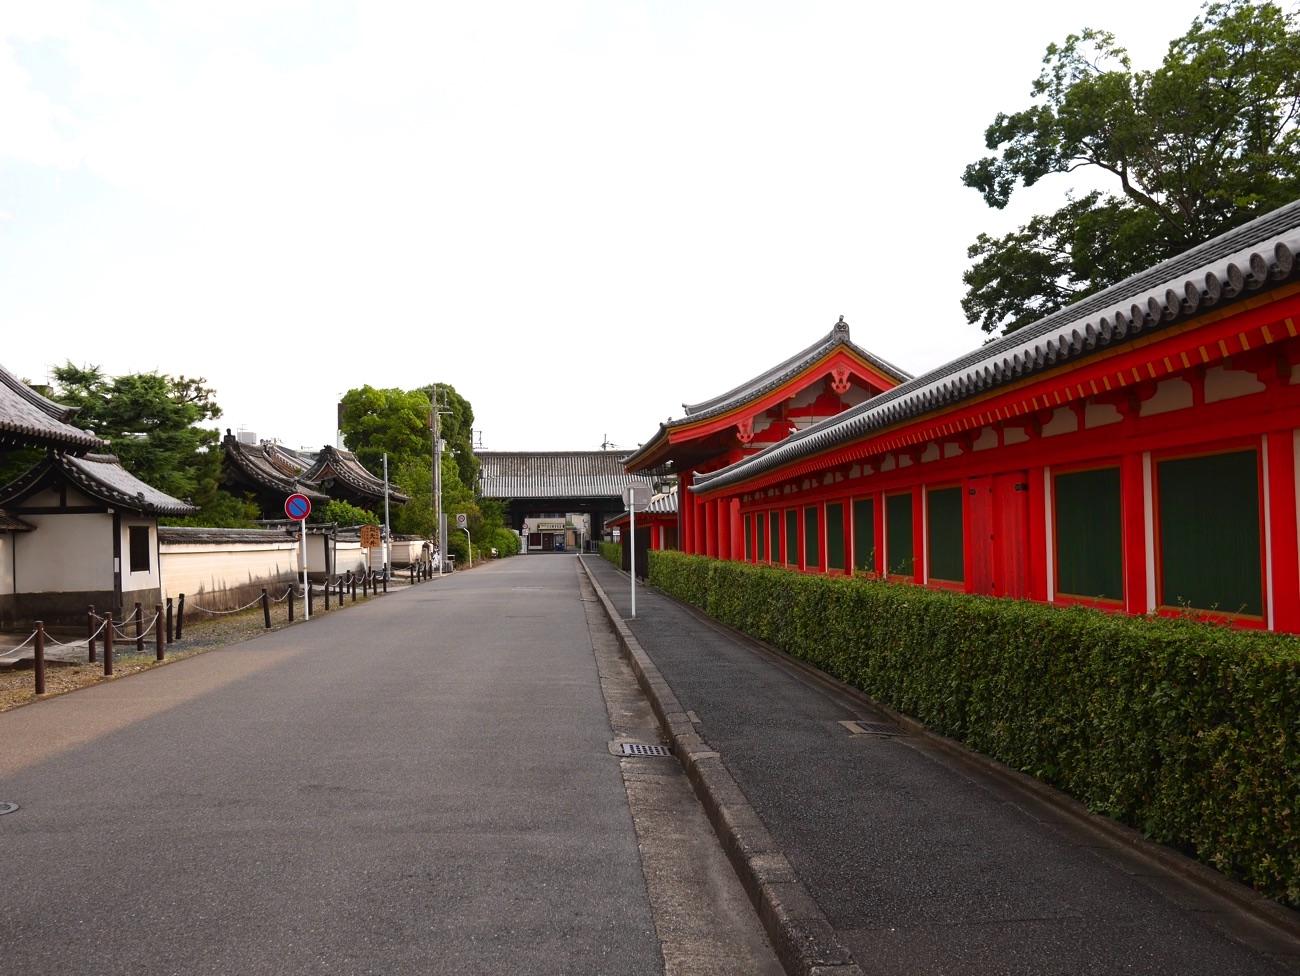 蓮華王院(三十三間堂)南大門